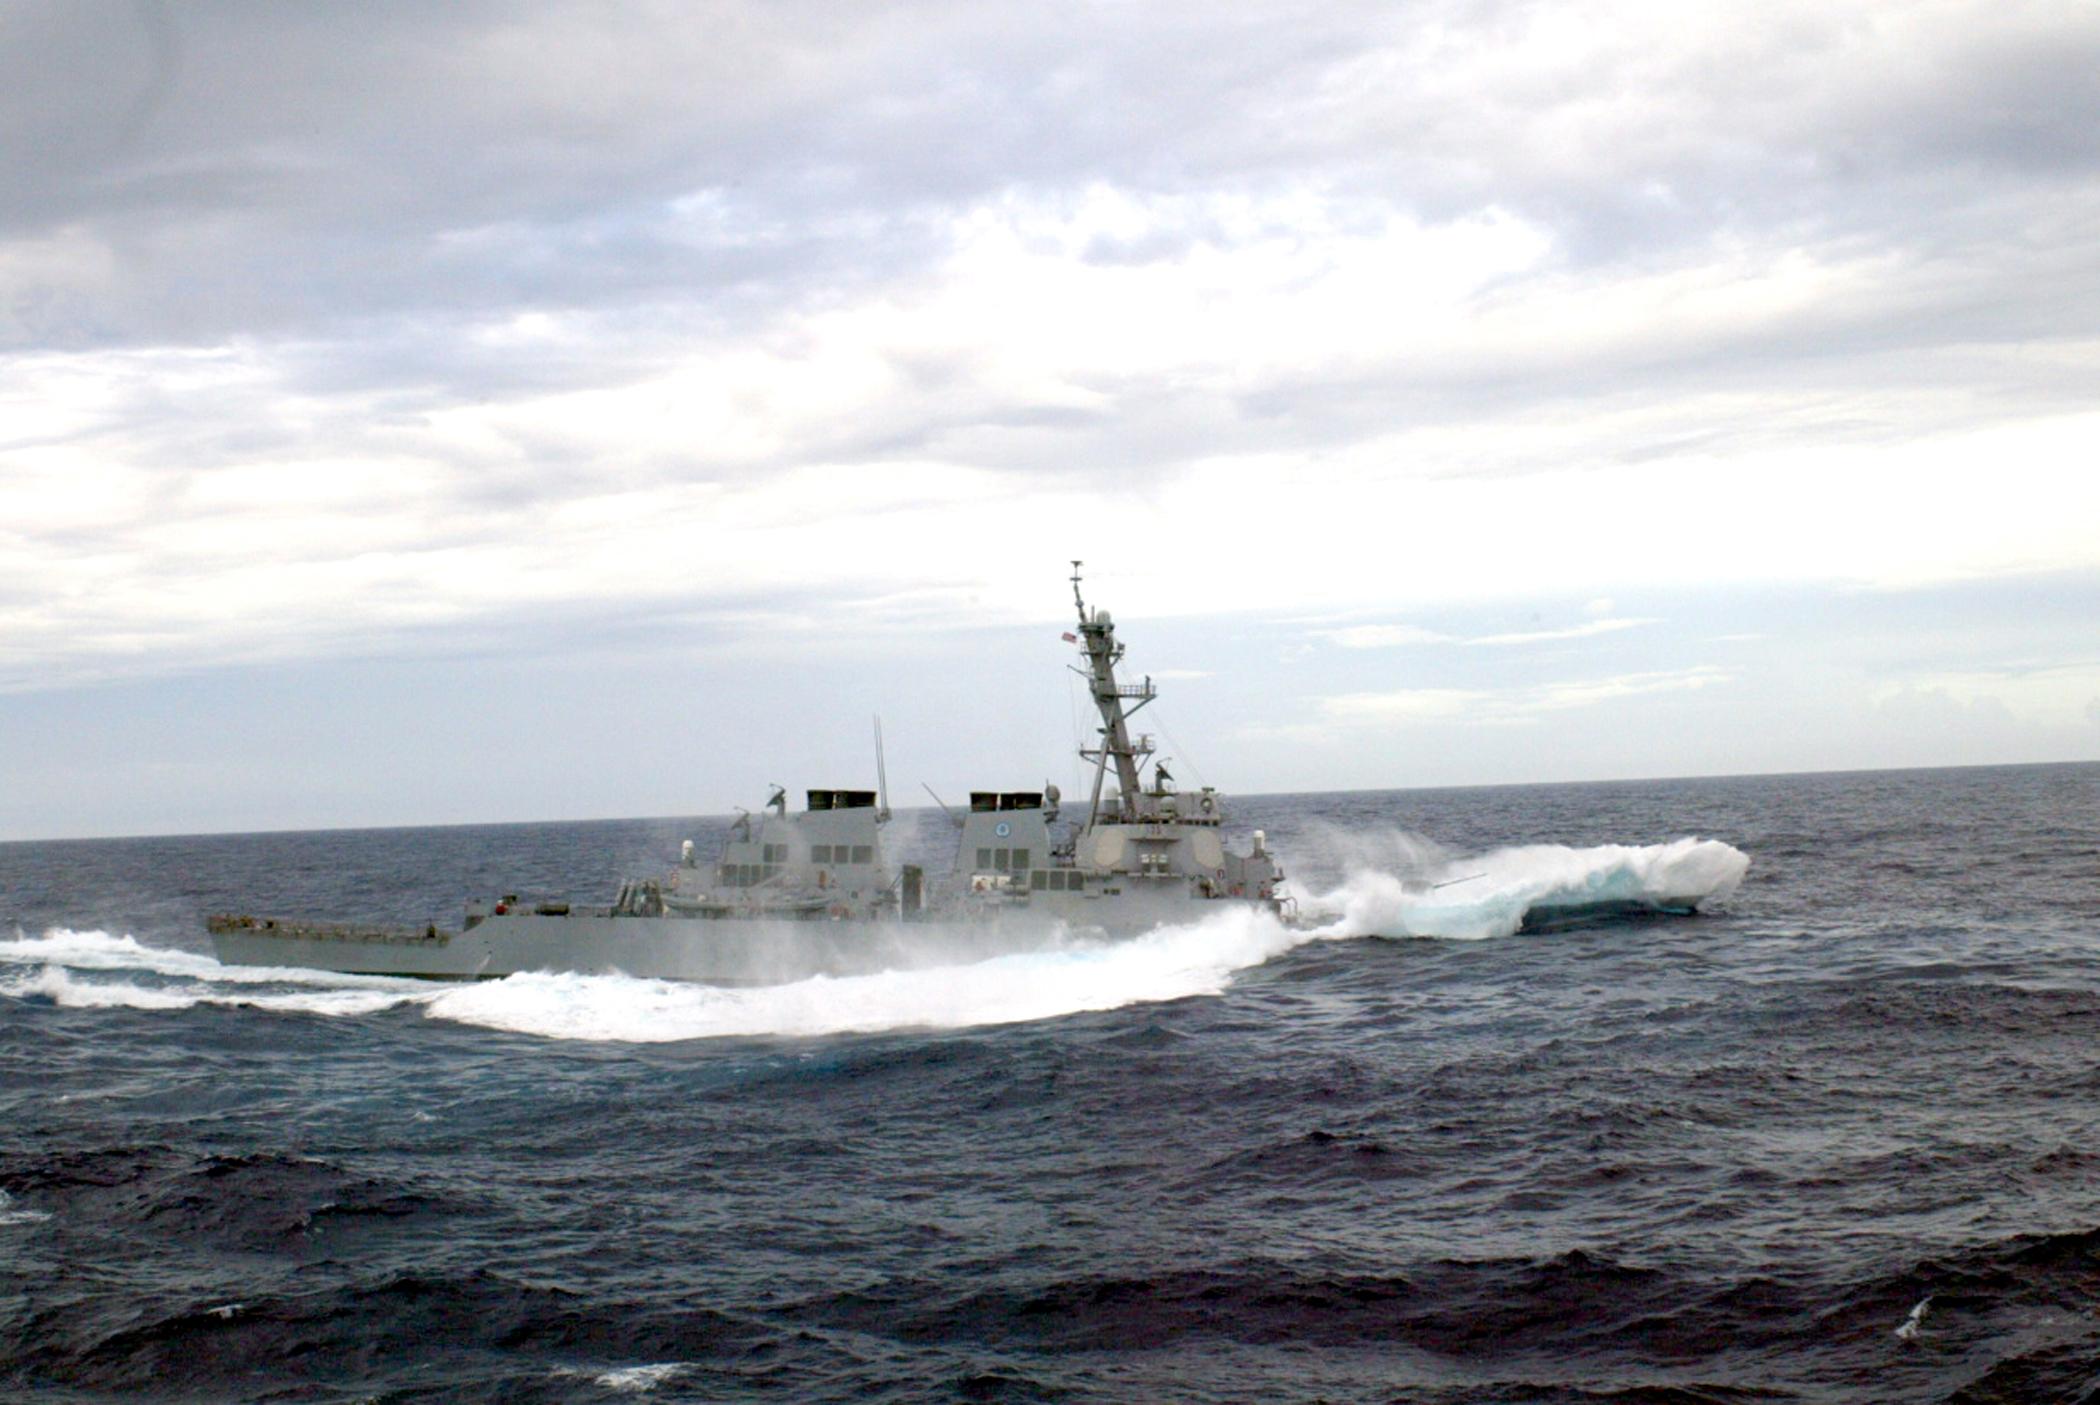 navy rough seas wallpaper - photo #5